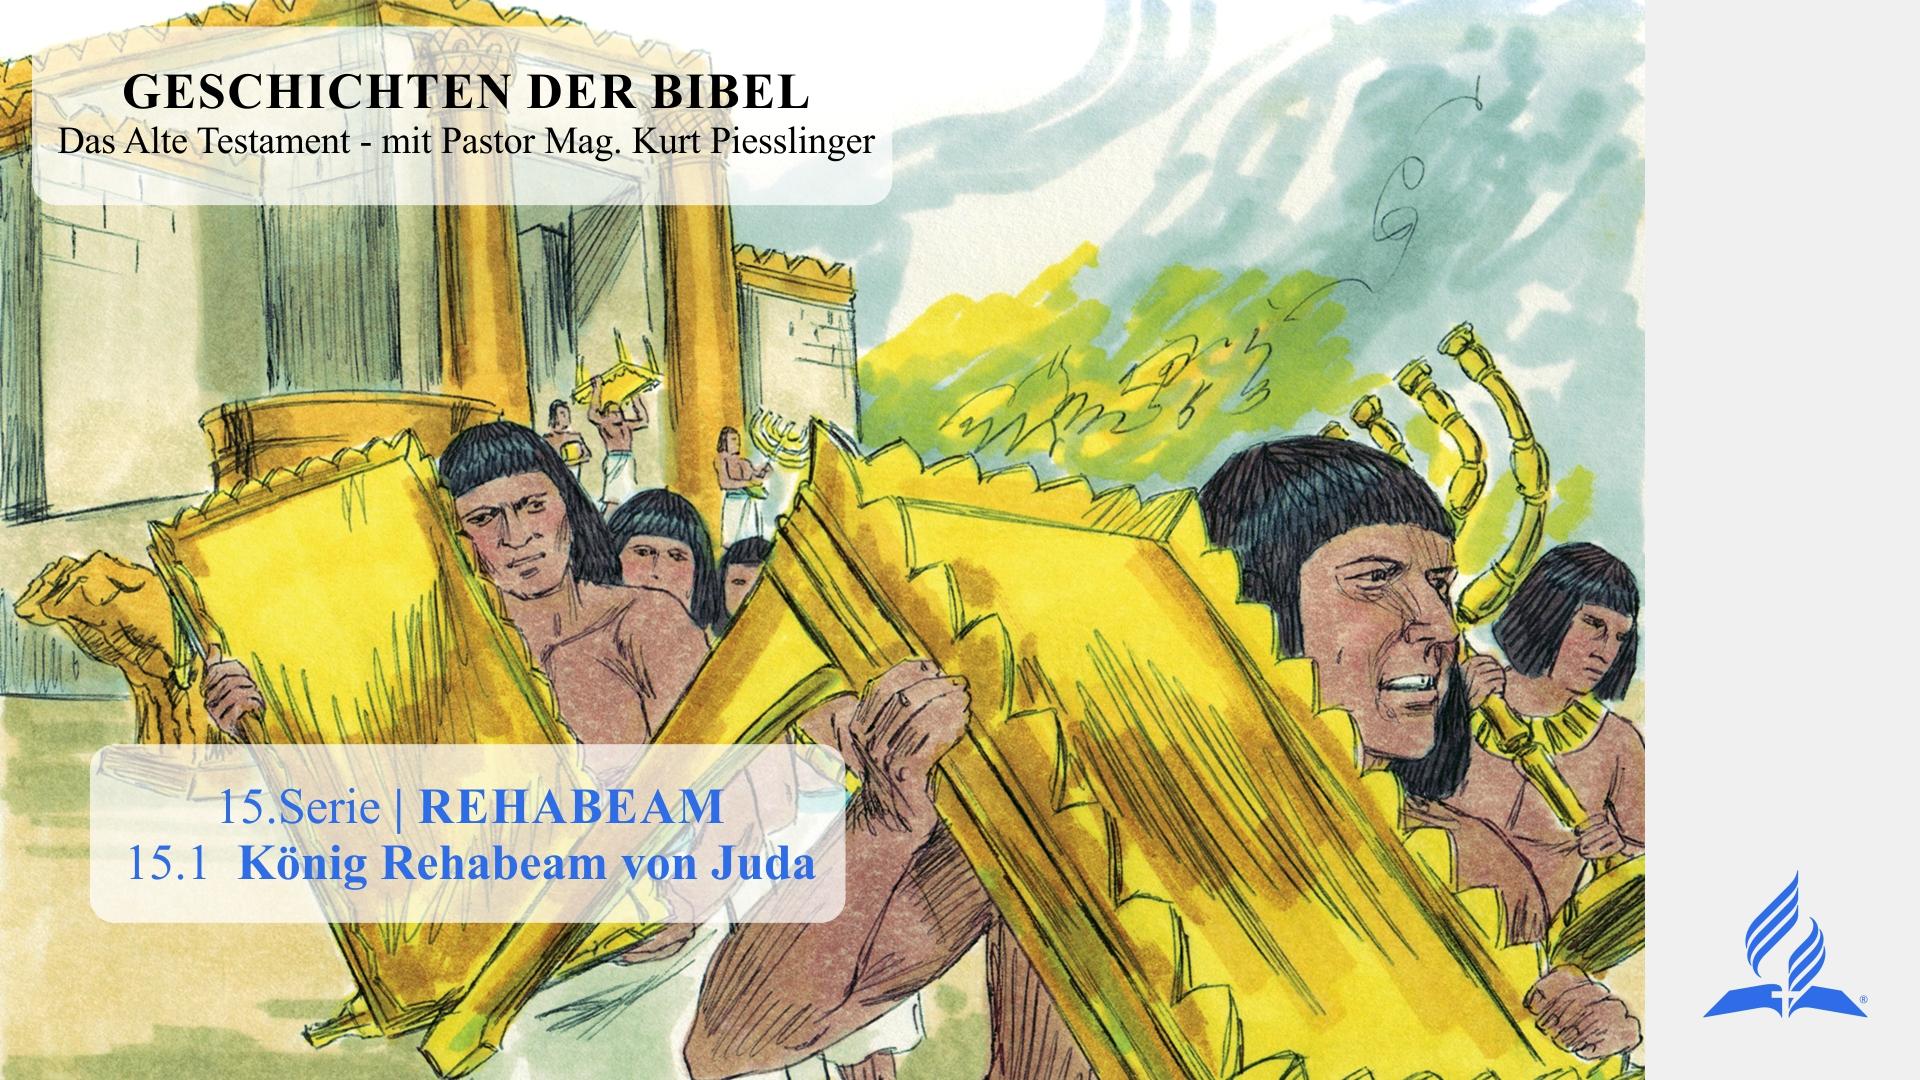 GESCHICHTEN DER BIBEL: 15.1 König Rehabeam von Juda – 15.REHABEAM | Pastor Mag. Kurt Piesslinger